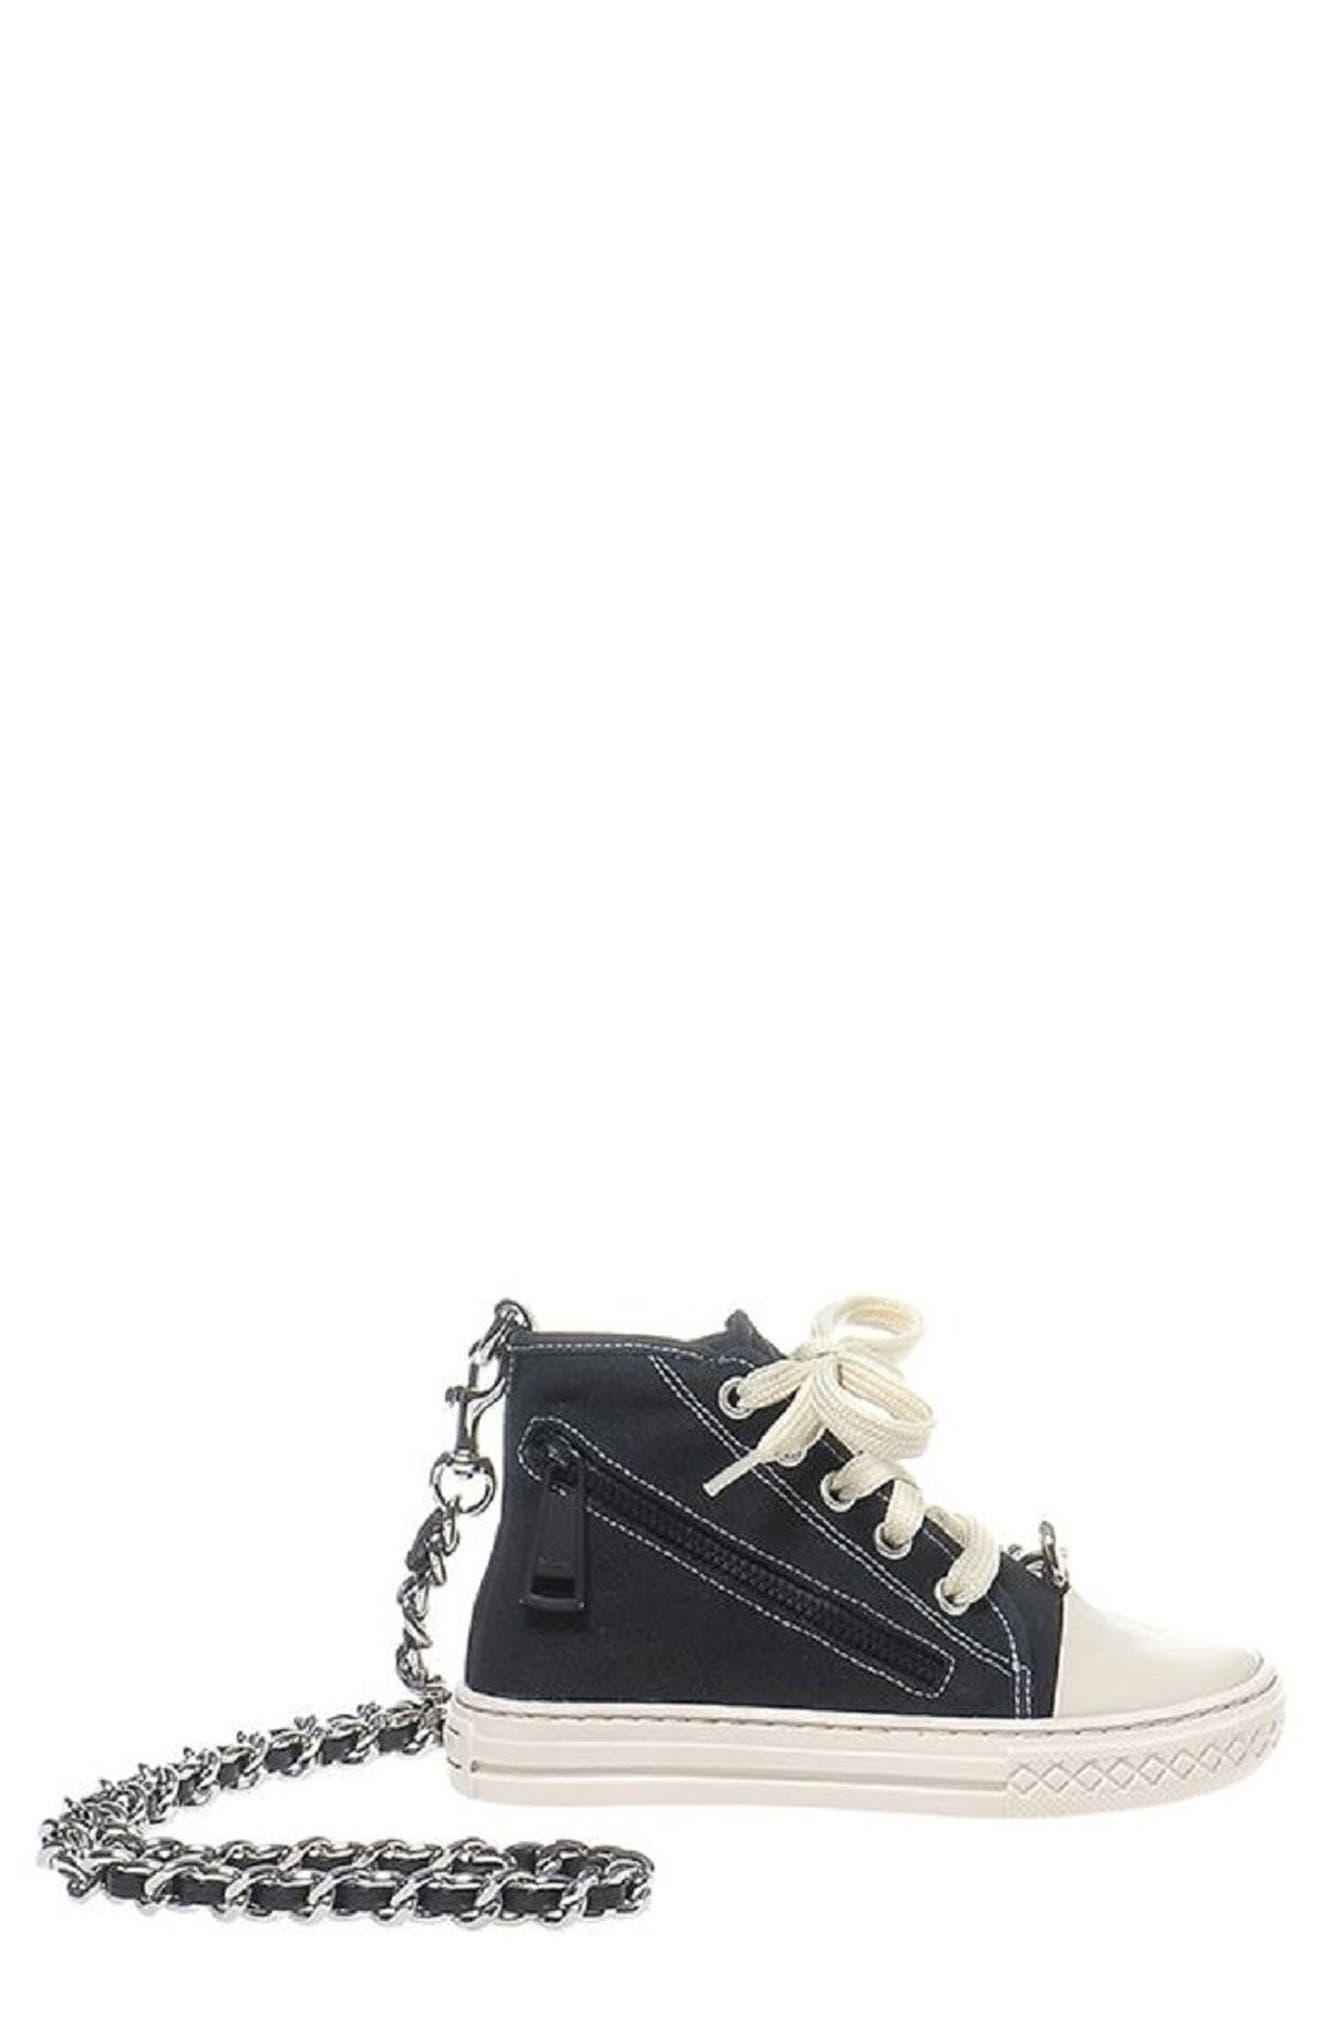 Sneaker Shoulder Bag,                         Main,                         color, Black